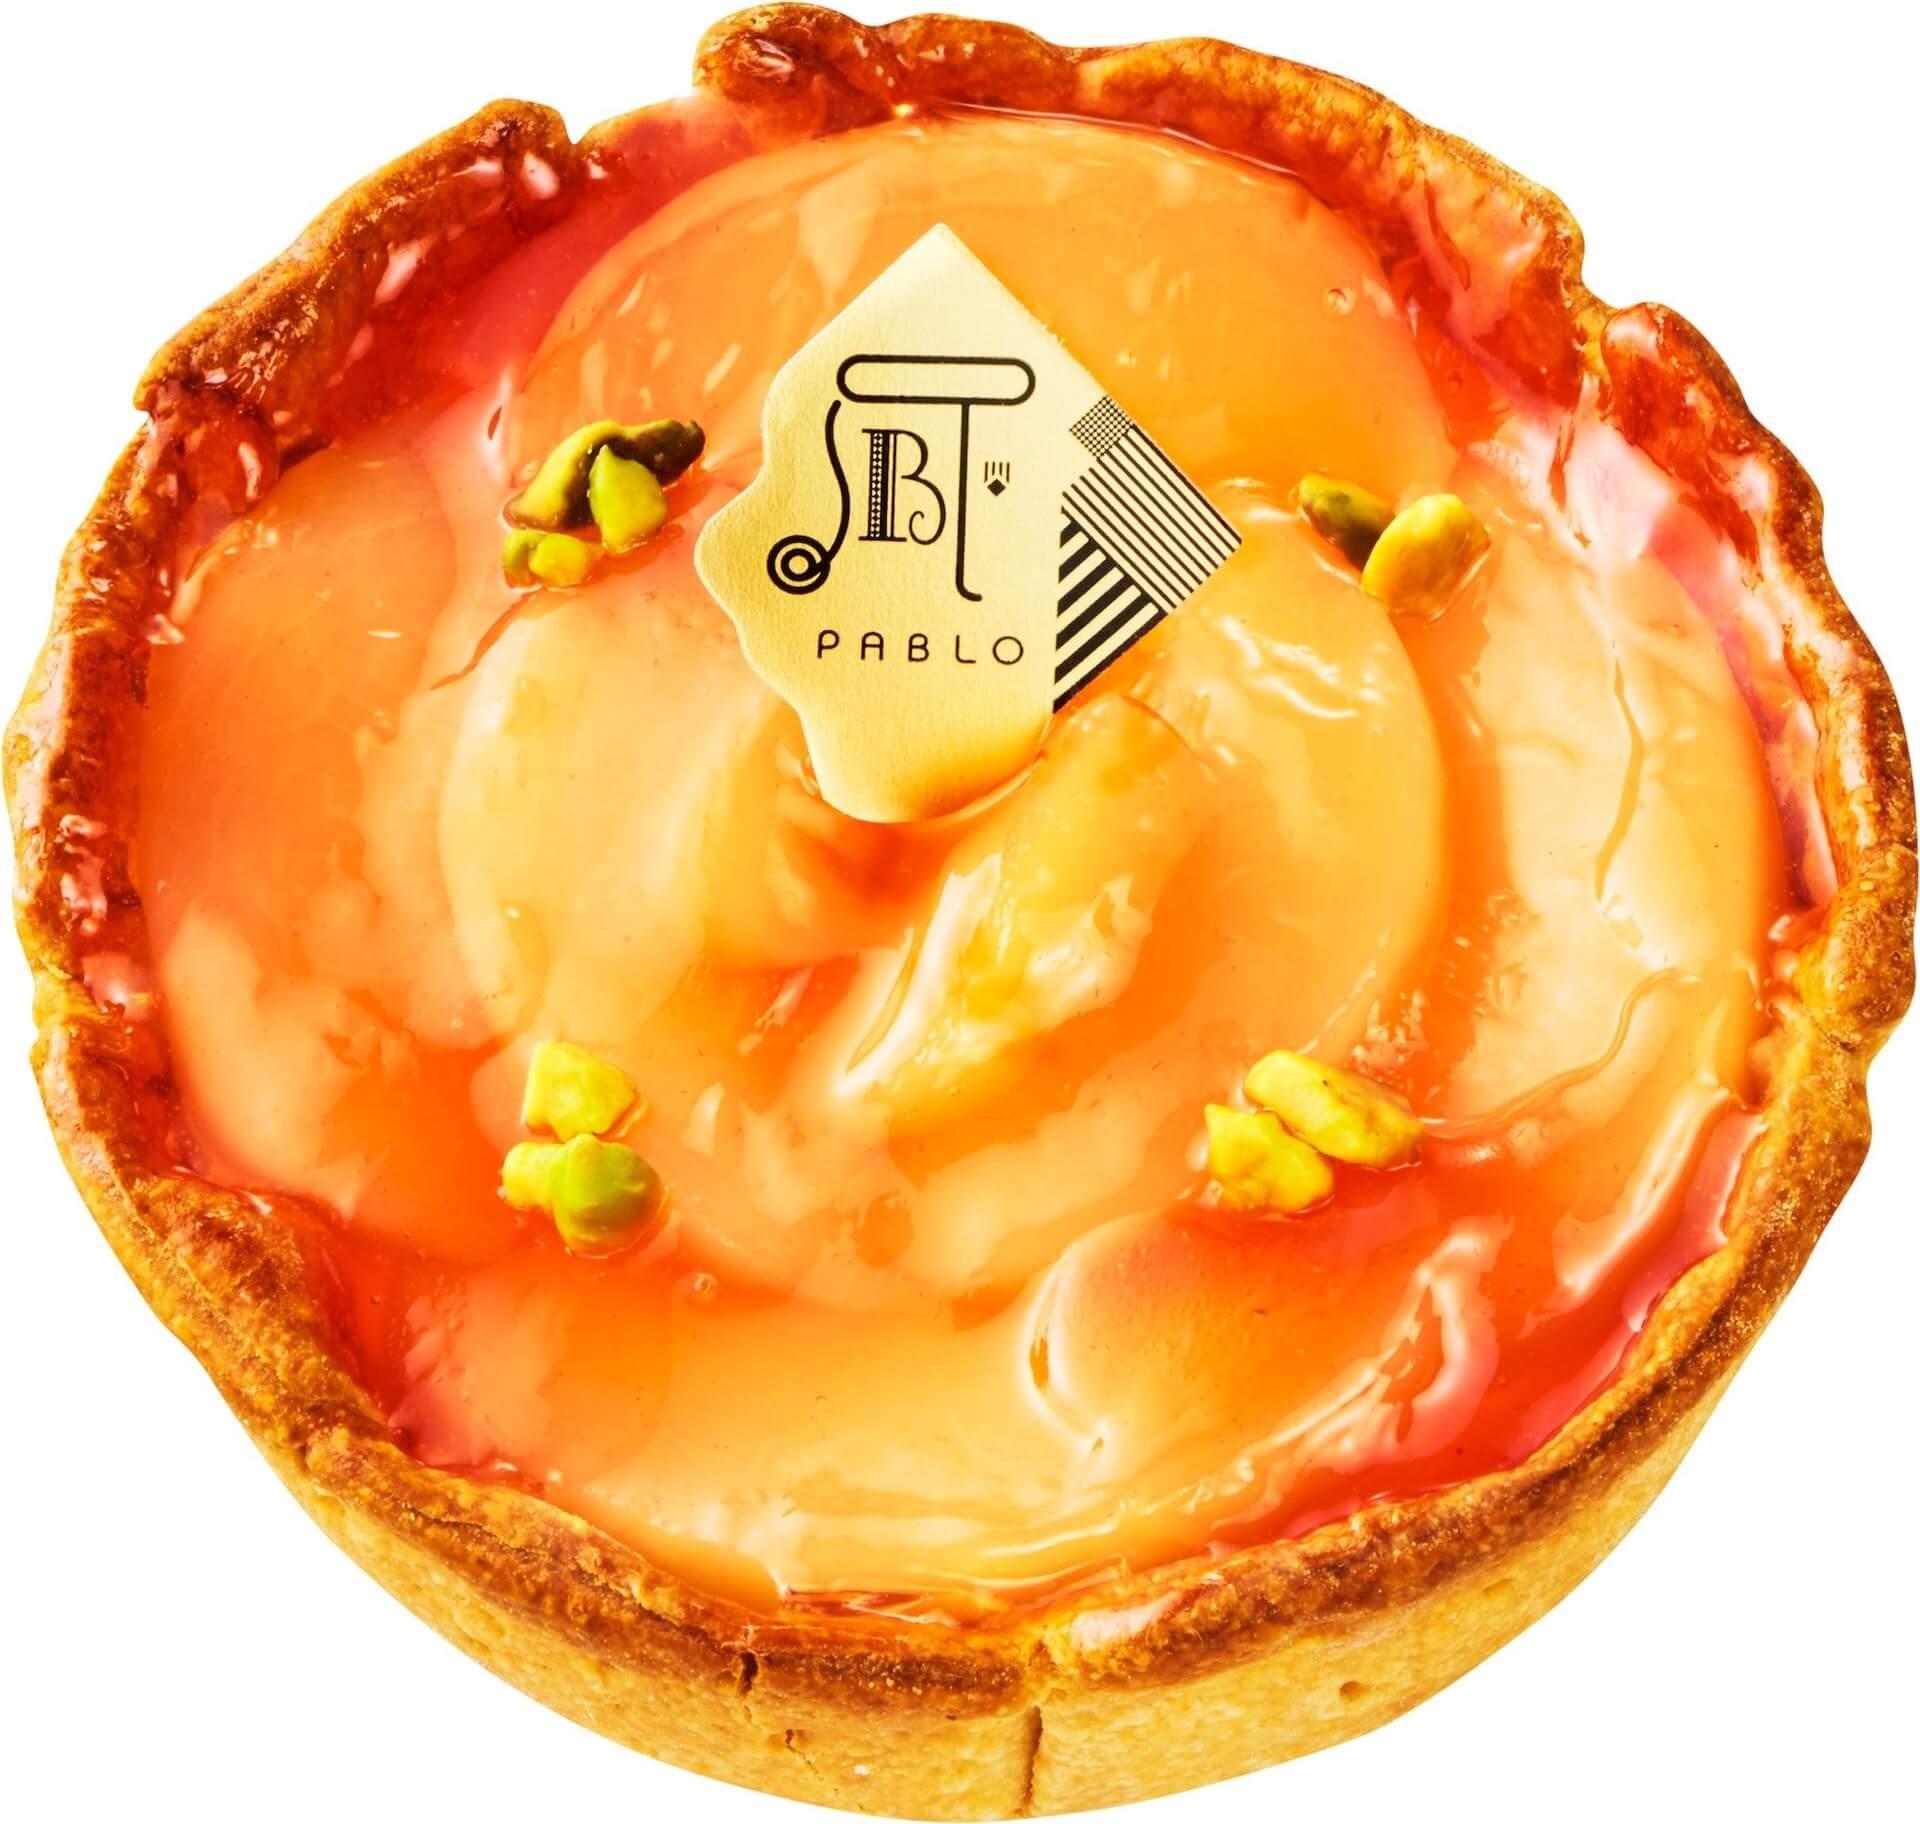 ワンコインで楽しめる新作チーズタルトがPABLOから登場!『白桃とヨーグルト』&『チョコレート』が小さなサイズに gourmet200420_pablo_05